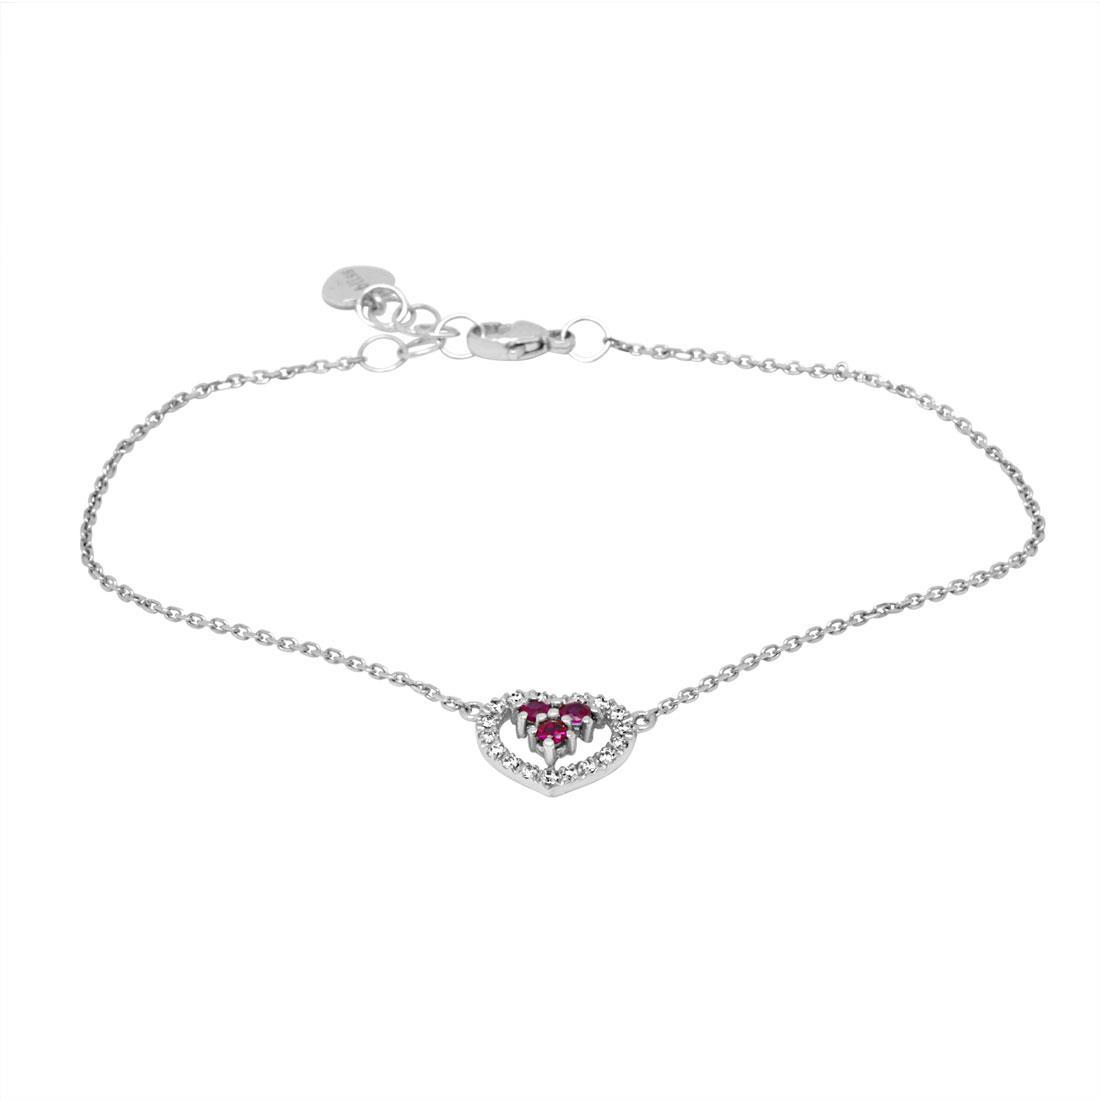 Bracciale in oro bianco con diamanti e rubini - BLISS